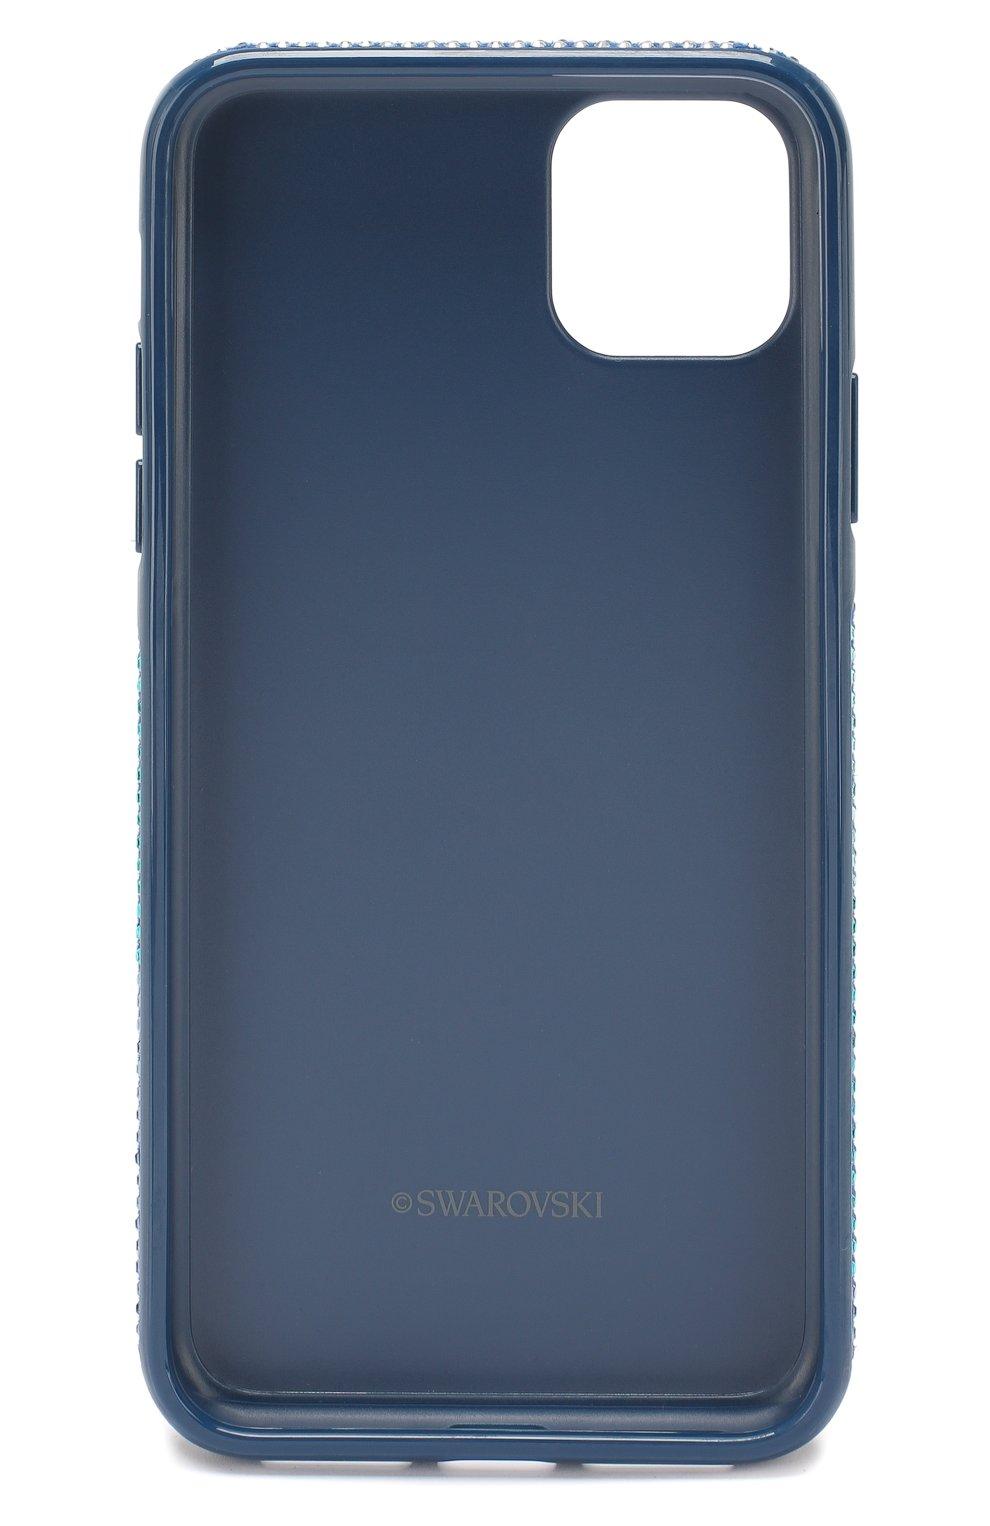 Мужской чехол для iphone 11 pro SWAROVSKI синего цвета, арт. 5533958   Фото 2